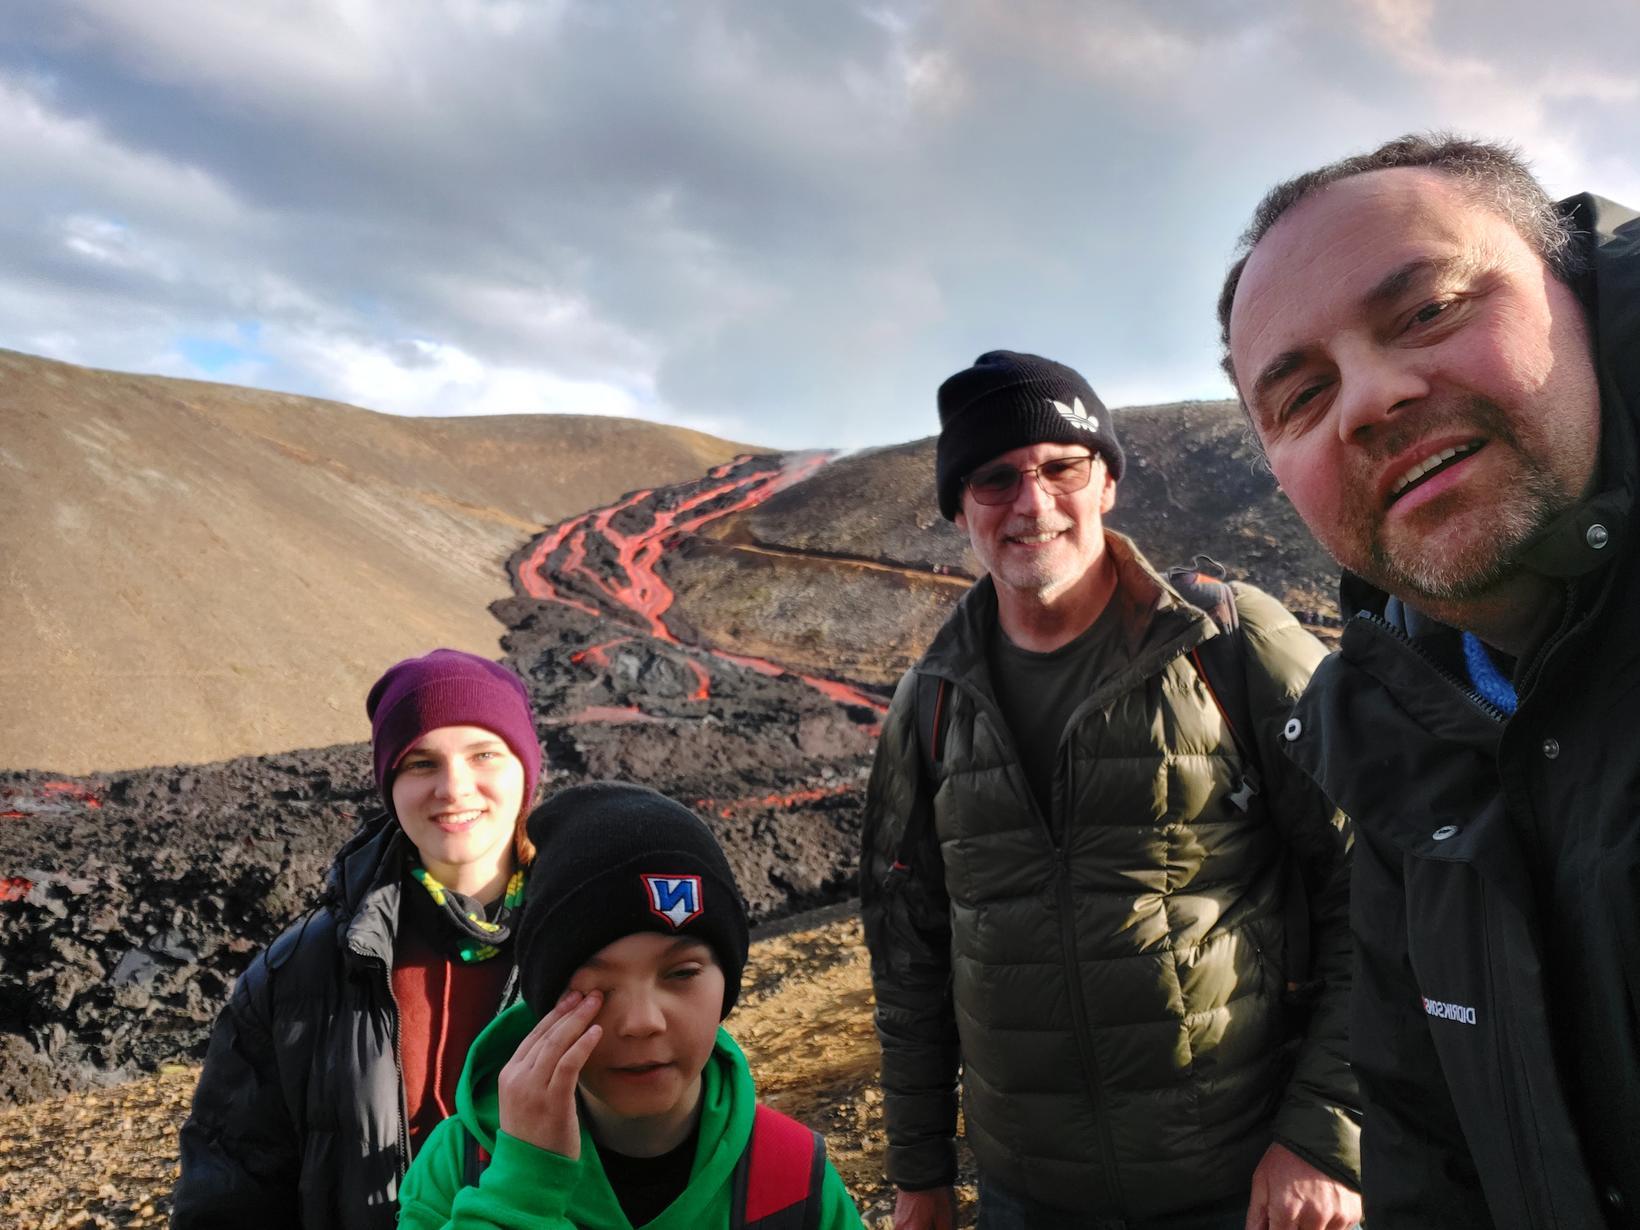 Frá vinstri: Una Rós, Reynir Hörður, Don Barri og Gísli.